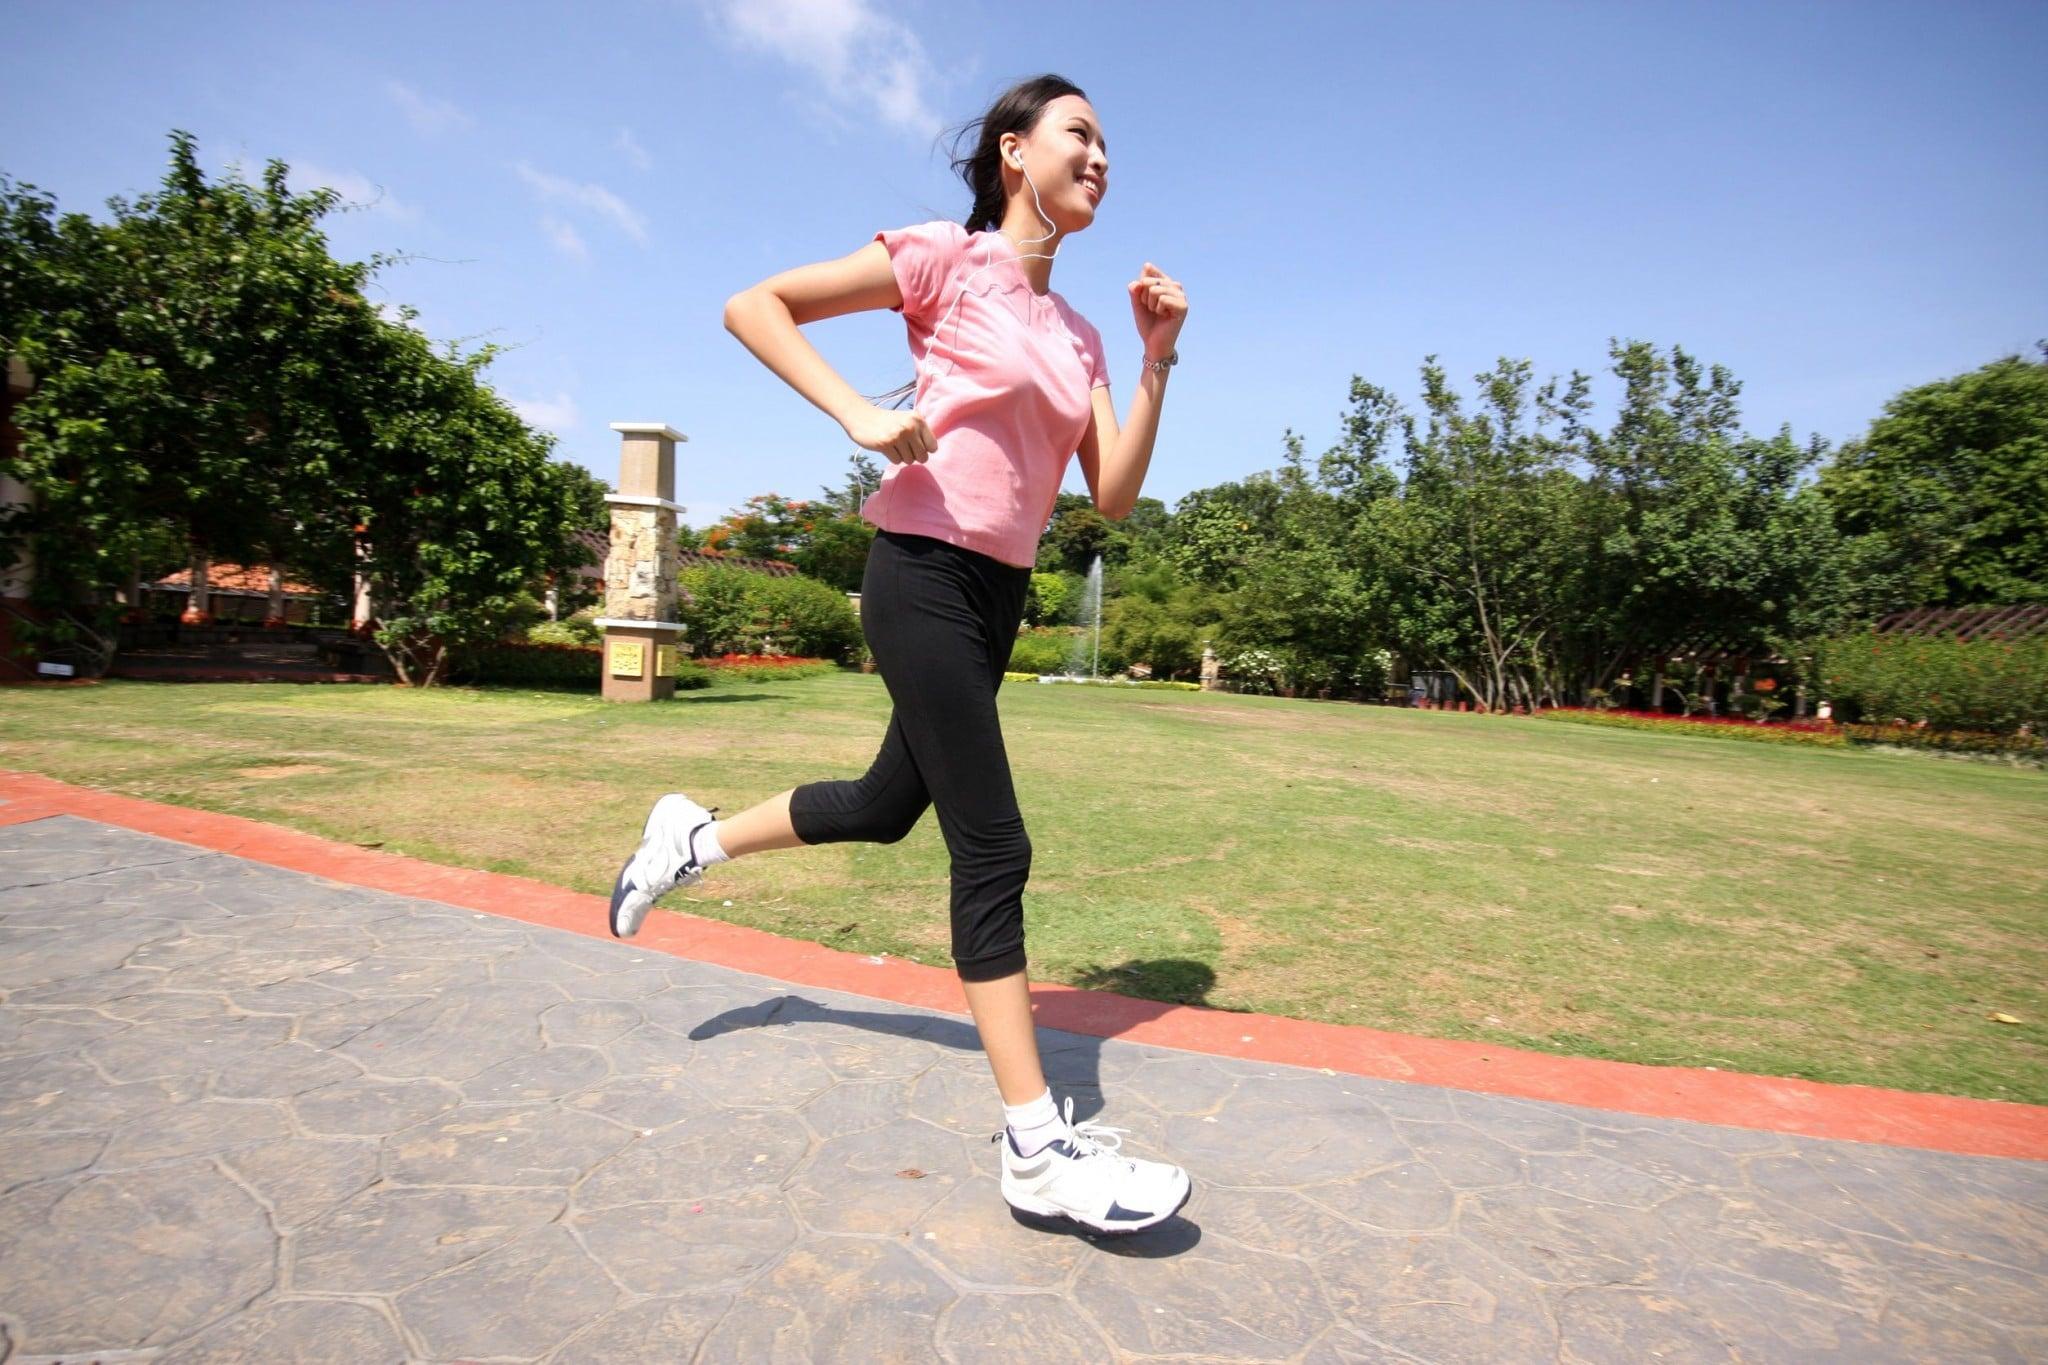 correre la maratona con la giusta motivazione